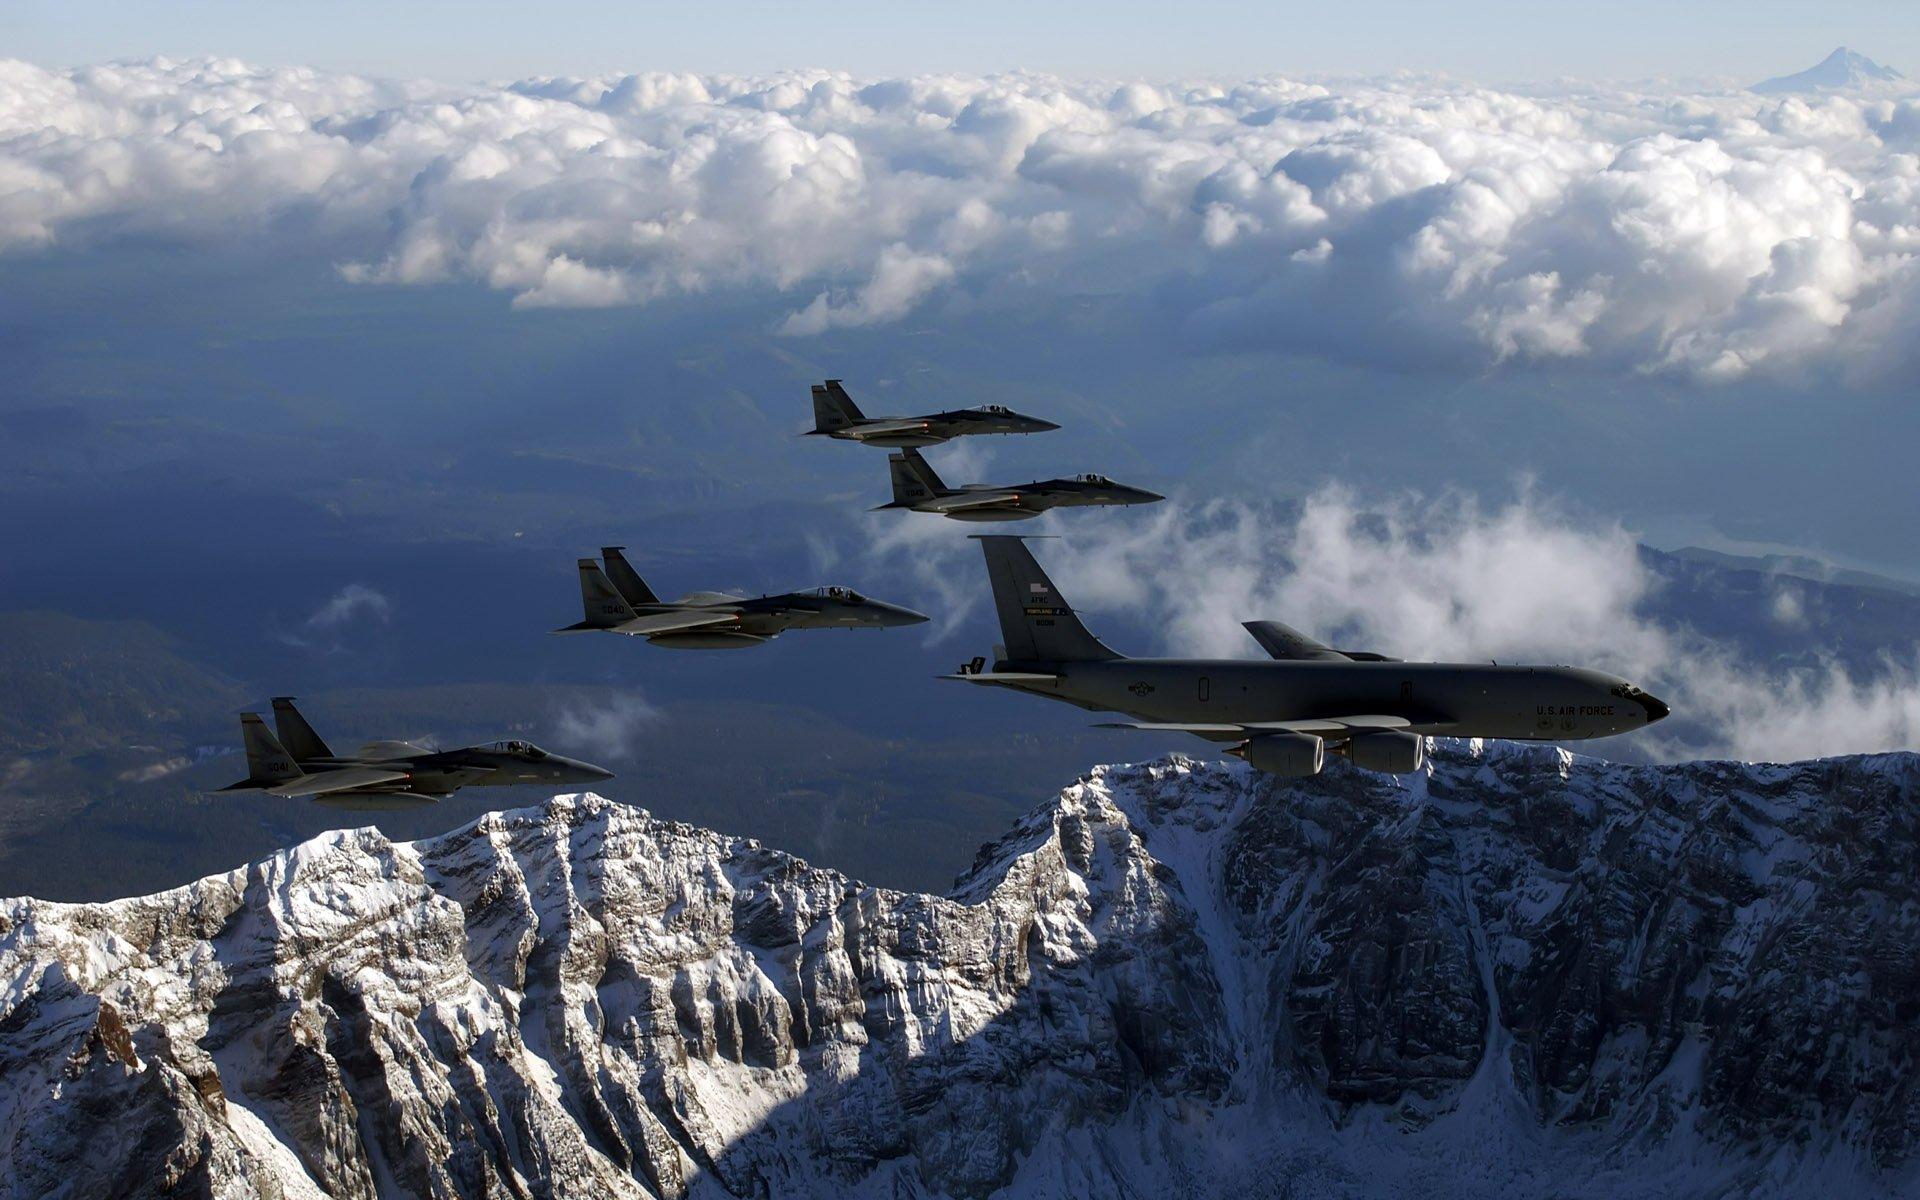 этой статье фото боевых самолетов над горами трое